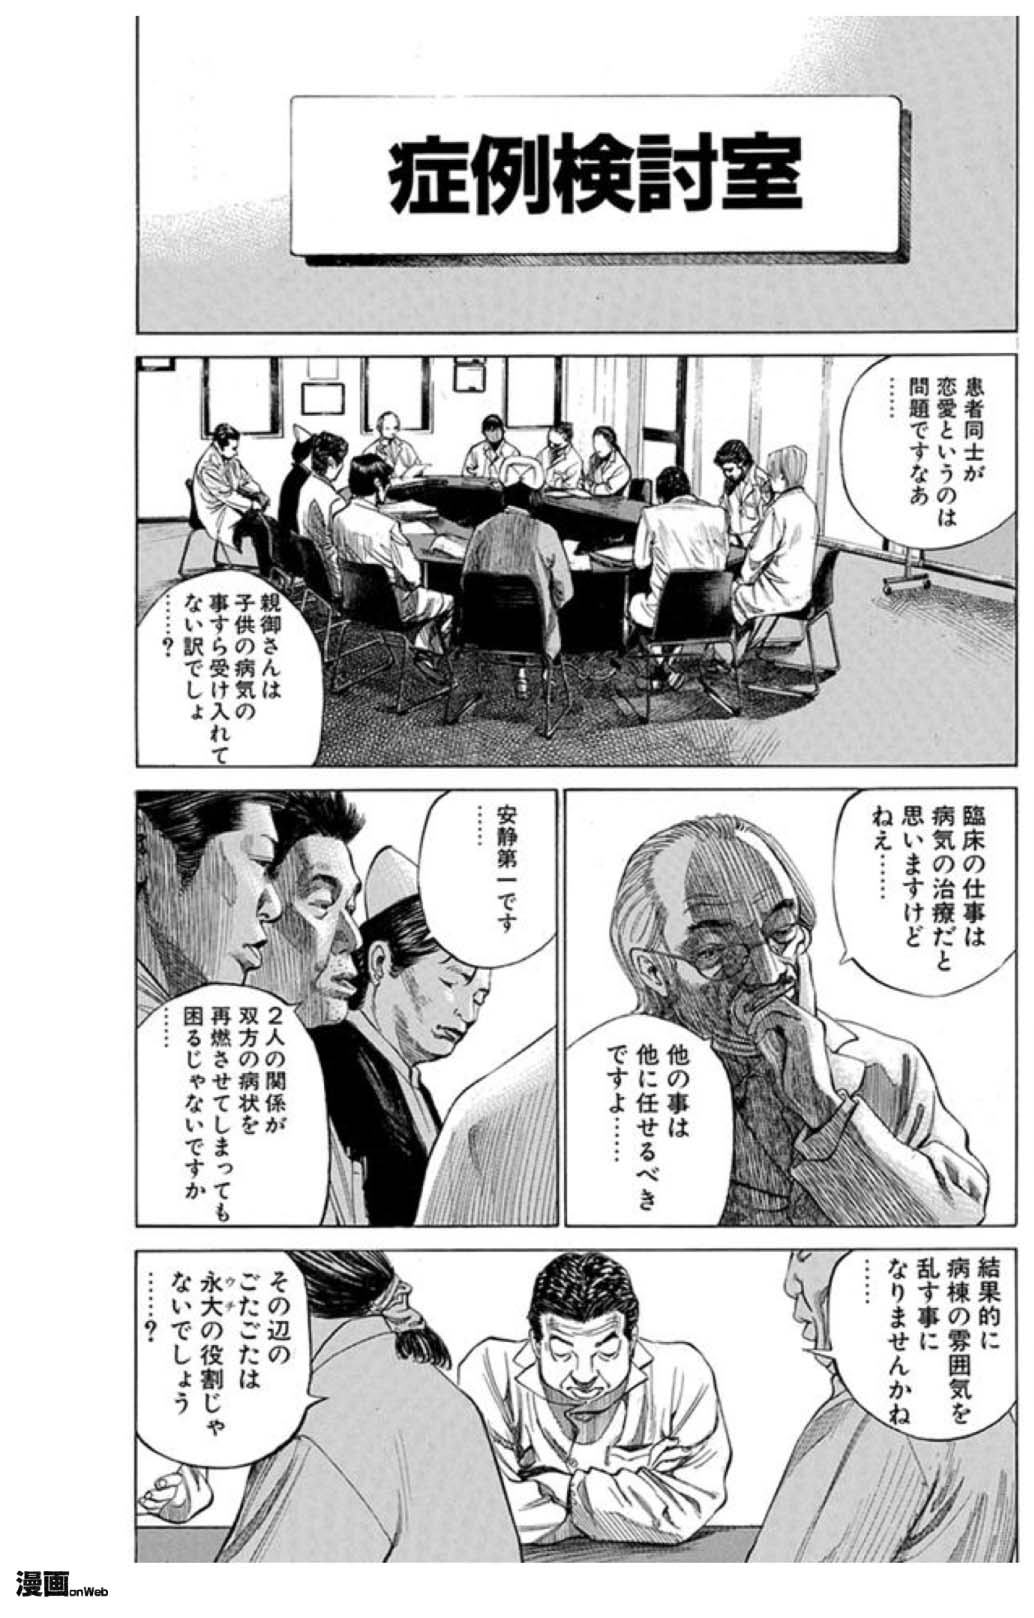 図1-1 10巻47ページ